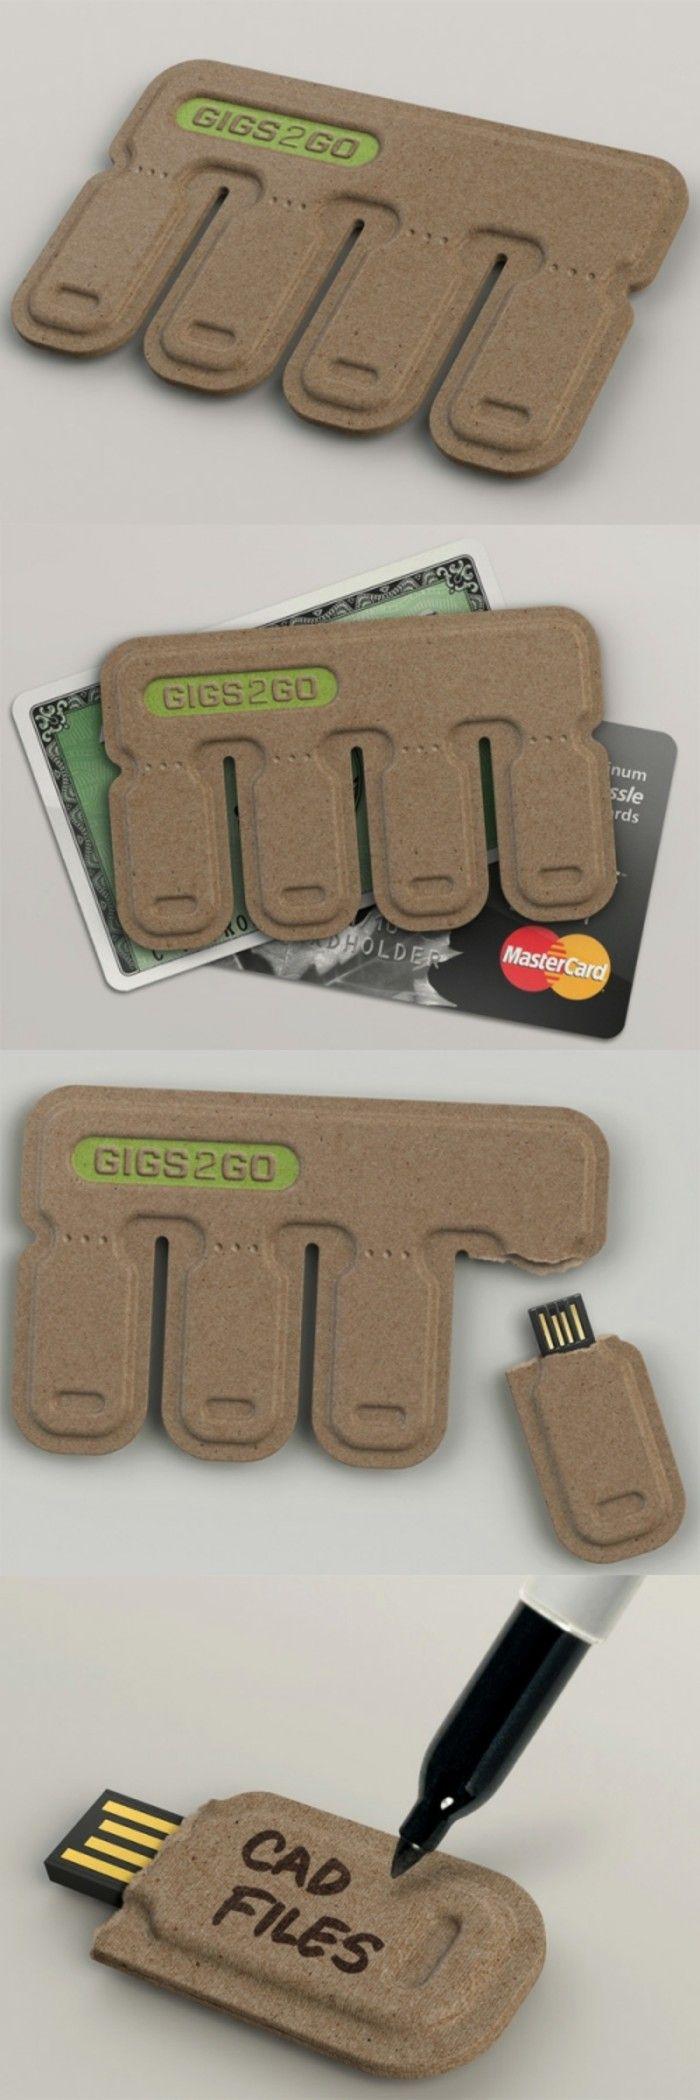 来自BOLT集团的产品设计师Kurt Rampton设计了一款名为「GIGS.2.GO」的手撕U盘,包装为四个U盘一组,大小只有信用卡那么大。 这款手撕U盘外壳采用100%可回收的纸浆做成,可降解,质轻,价廉。使用时只需撕下一块,然后就可以插到电脑上使用,你还可以把备注信息写在U盘的包装纸上。更多:http://www.shejipi.com/